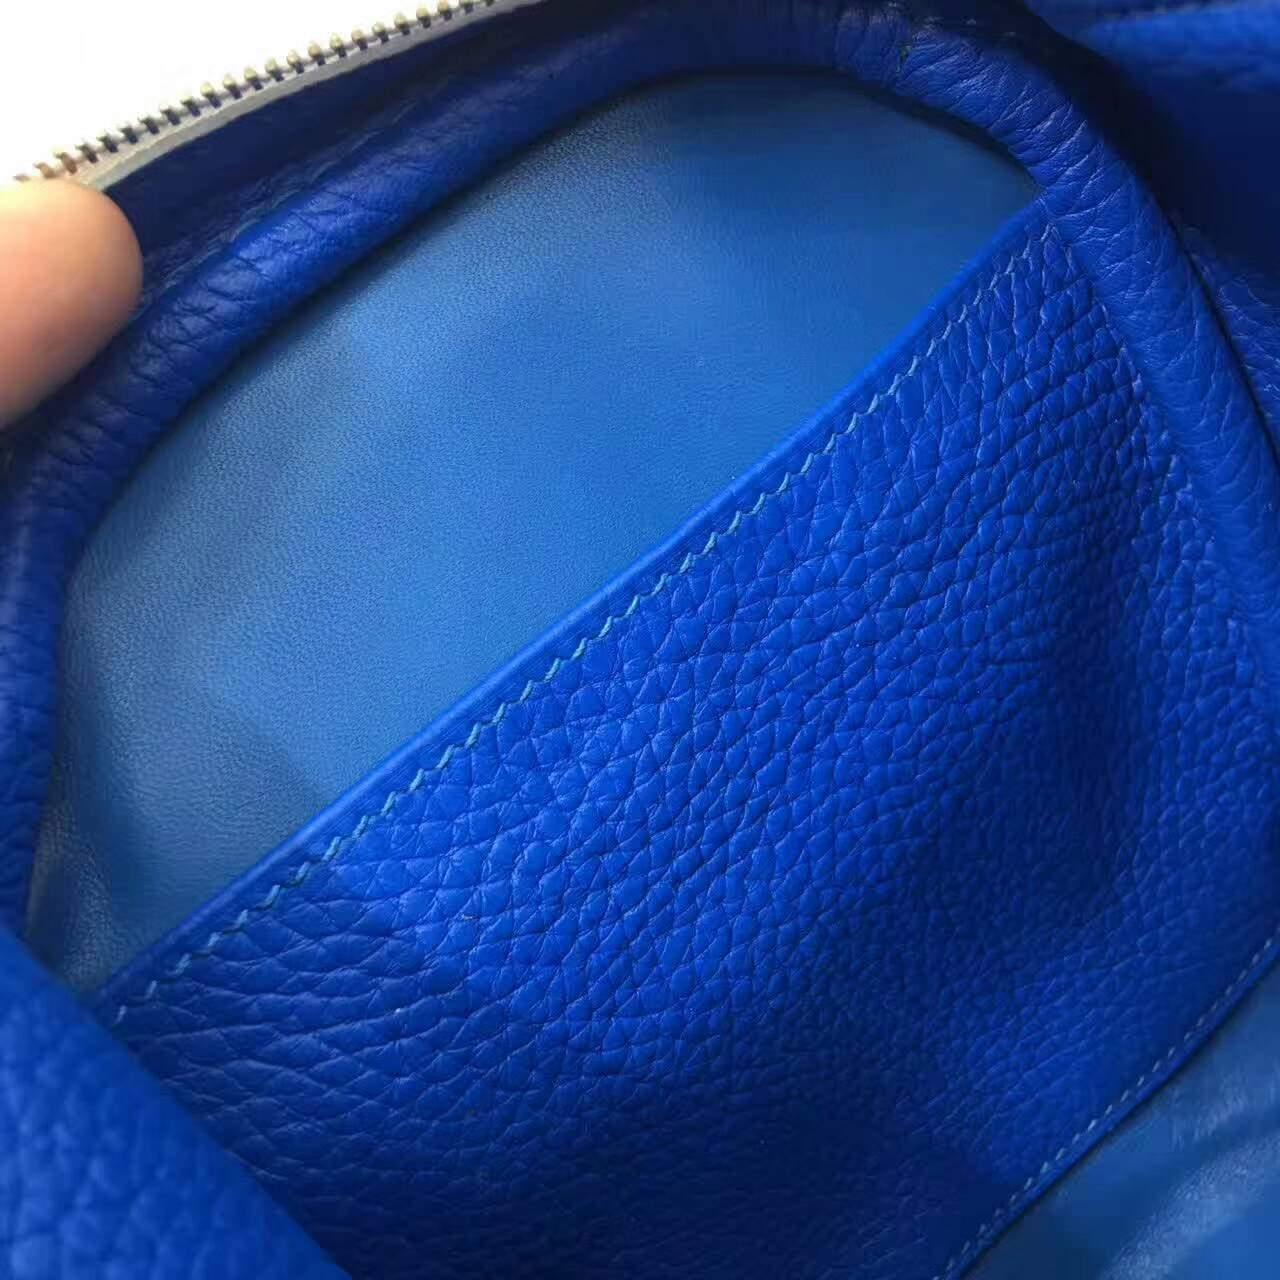 爱马仕Lindy包包 26cm Clemence 法国原产Togo大牛皮 纯白内拼希腊蓝